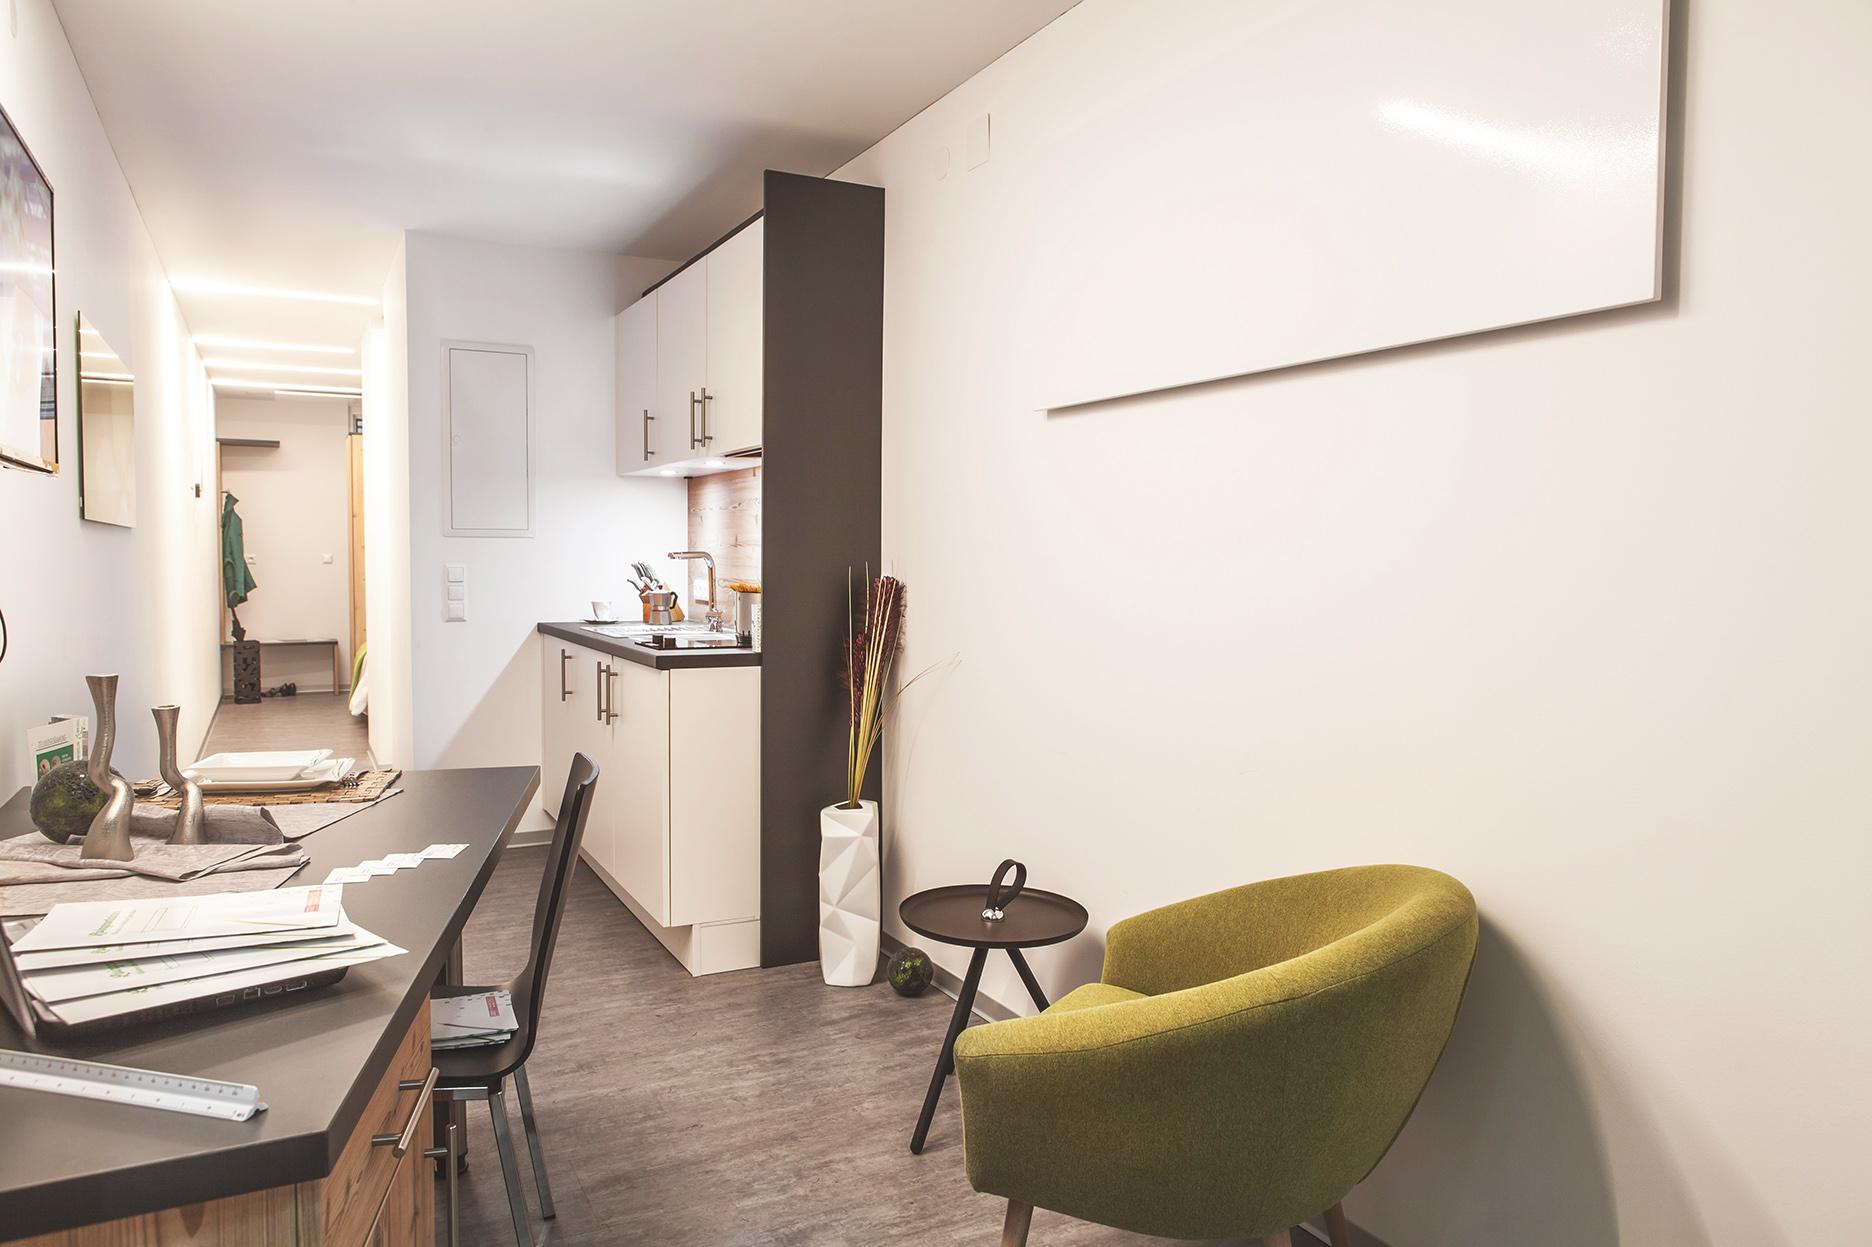 McIron Inneneinrichtung Innenausstattung interior design Livingcontainer